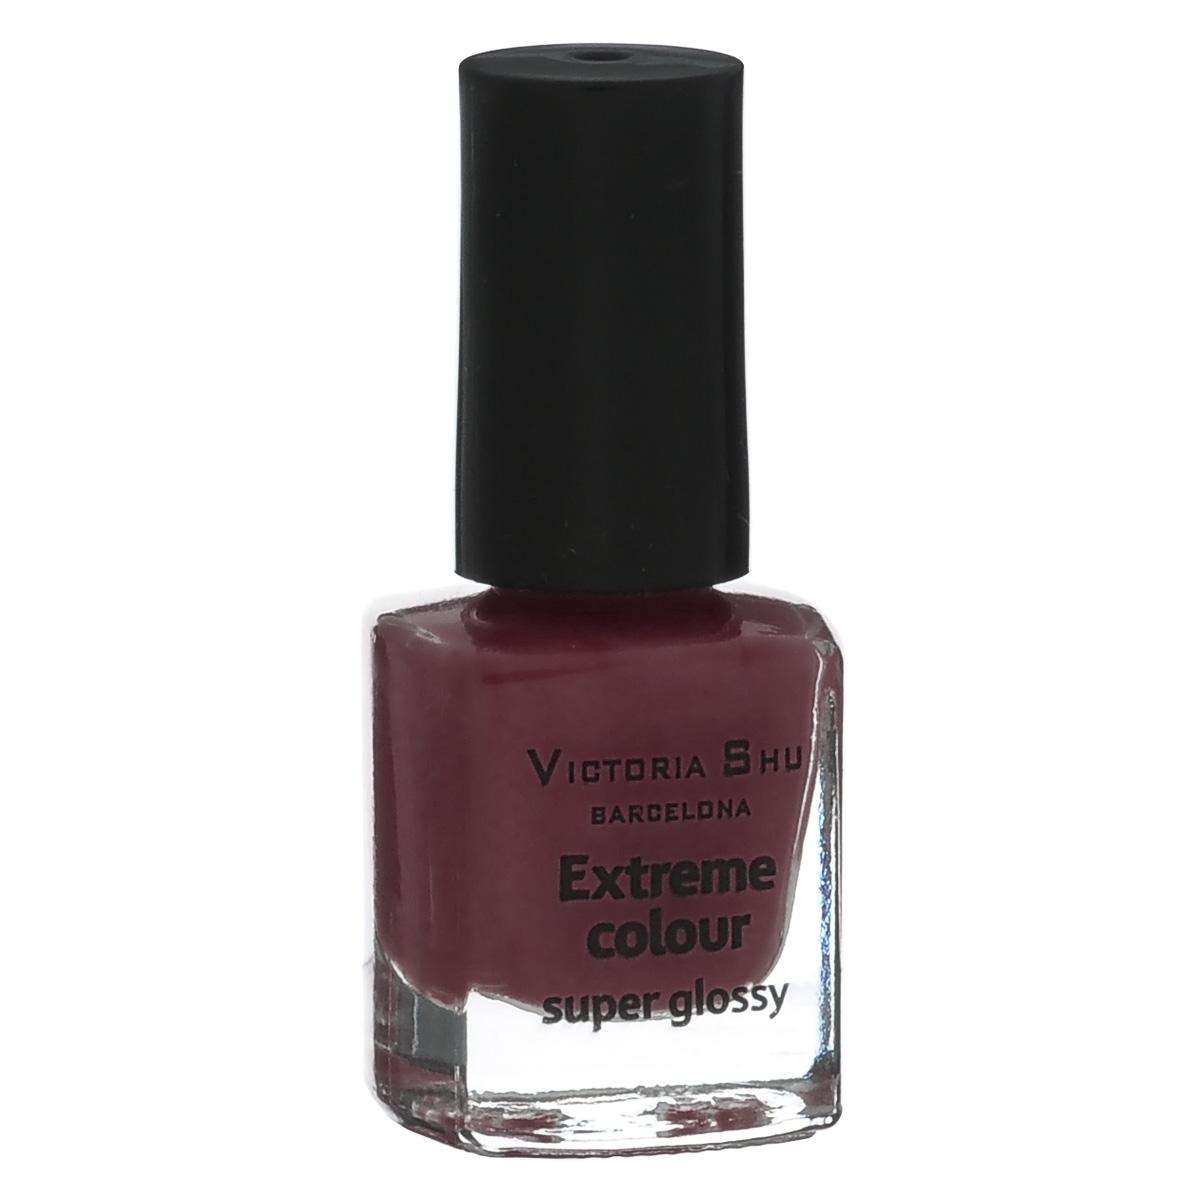 Victoria Shu Лак для ногтей Extreme Colour, тон № 267, 6 мл784V15364EXTREME COLOUR от VICTORIA SHU – это 35 ярких, смелых, соблазнительных оттенков. Модный тренд – матовая, насыщенная текстура. Любые цвета – на любой вкус, от нежных пастельных, интенсивных супермодных оранжевых, лиловых и оттенков фуксии до сенсационных красного и черного.